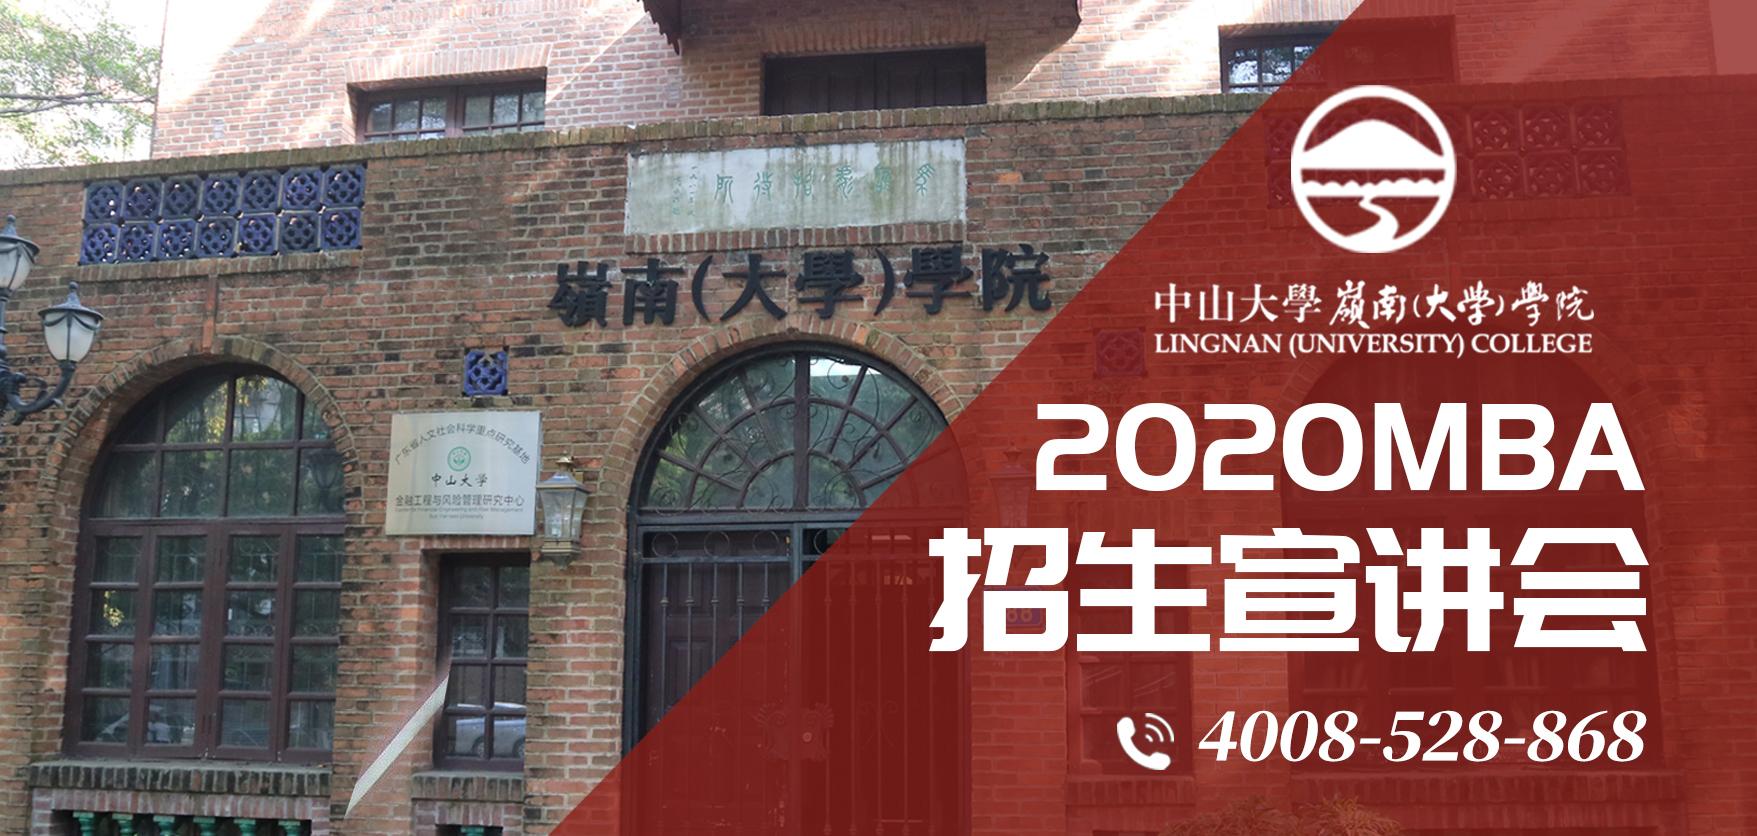 再聚岭南 | 2020中大岭南MBA招生宣讲会第二场(广州站)